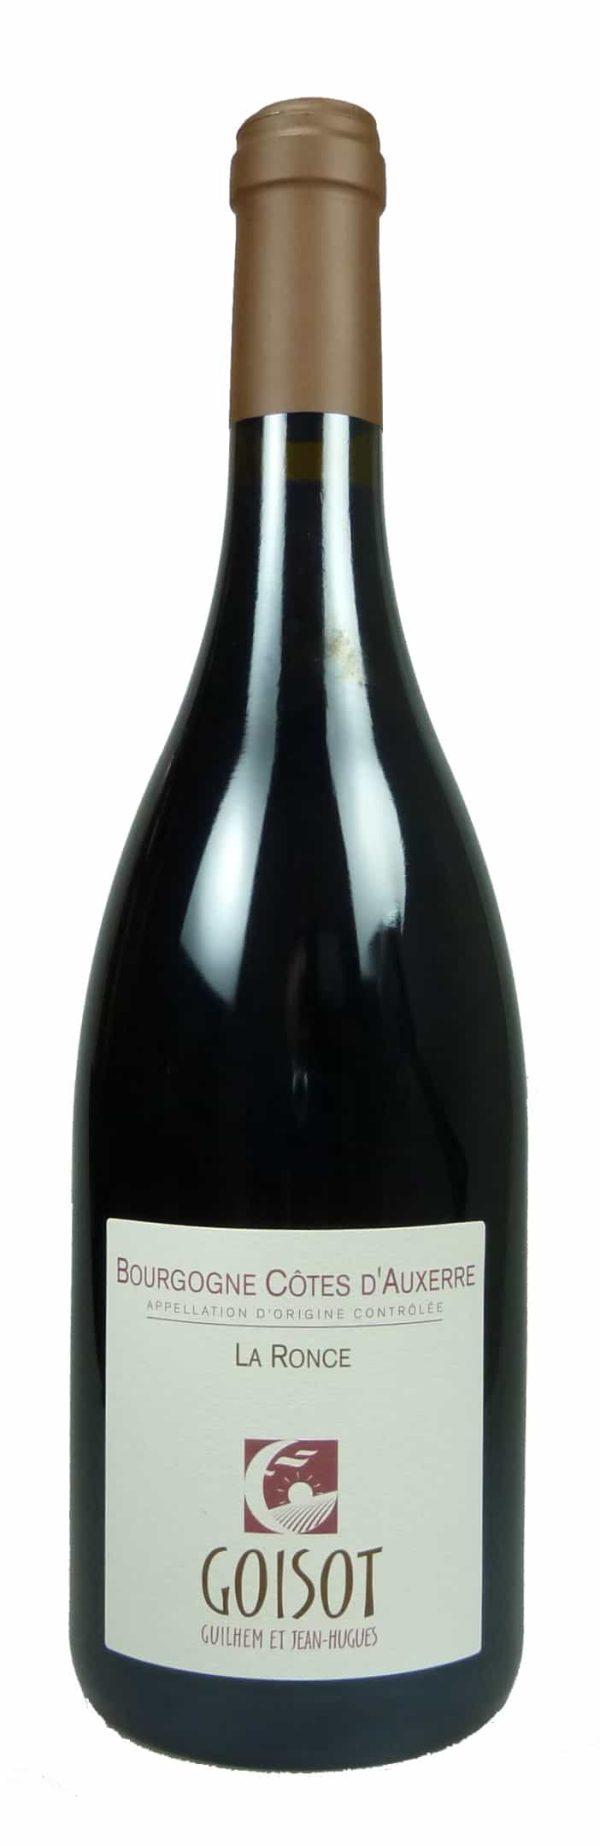 La Ronce Bourgogne Côtes d'Auxerre 2015